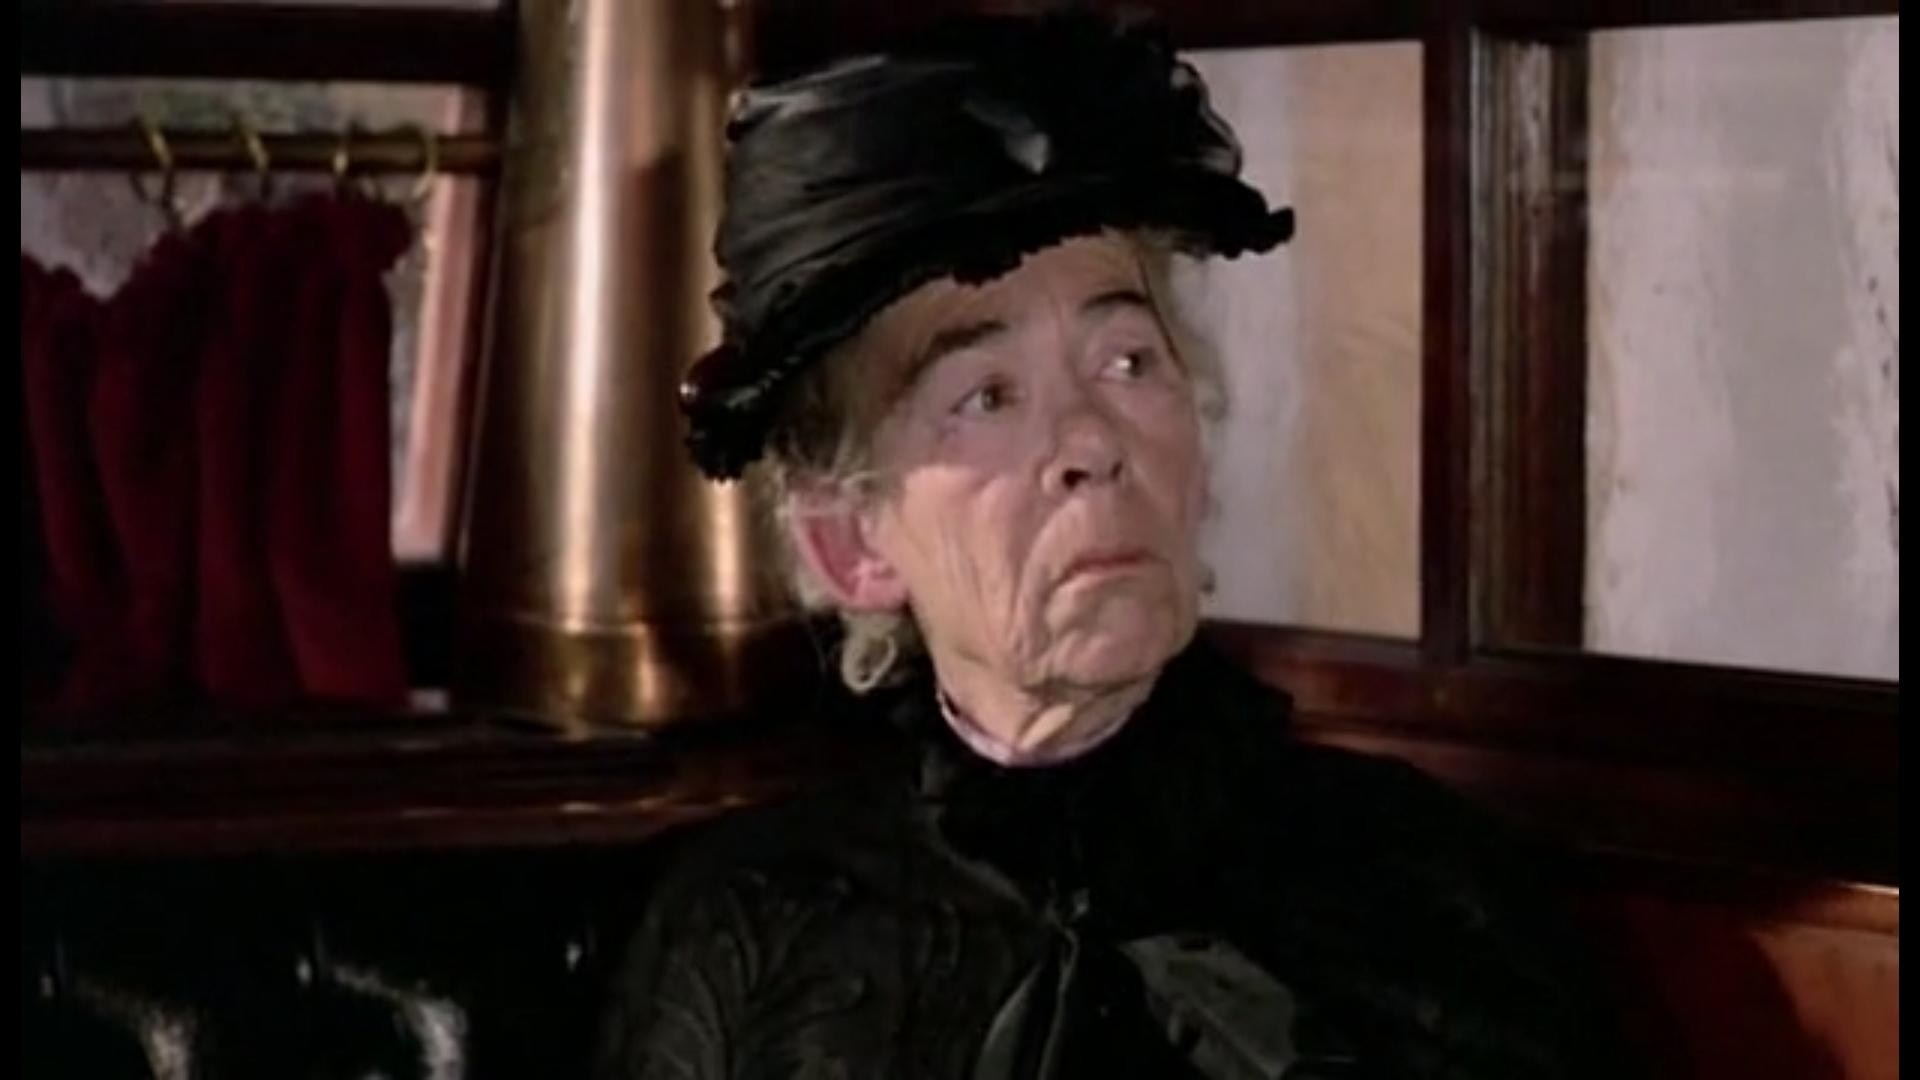 Ursula von Wiese in Jack the Ripper (1976)